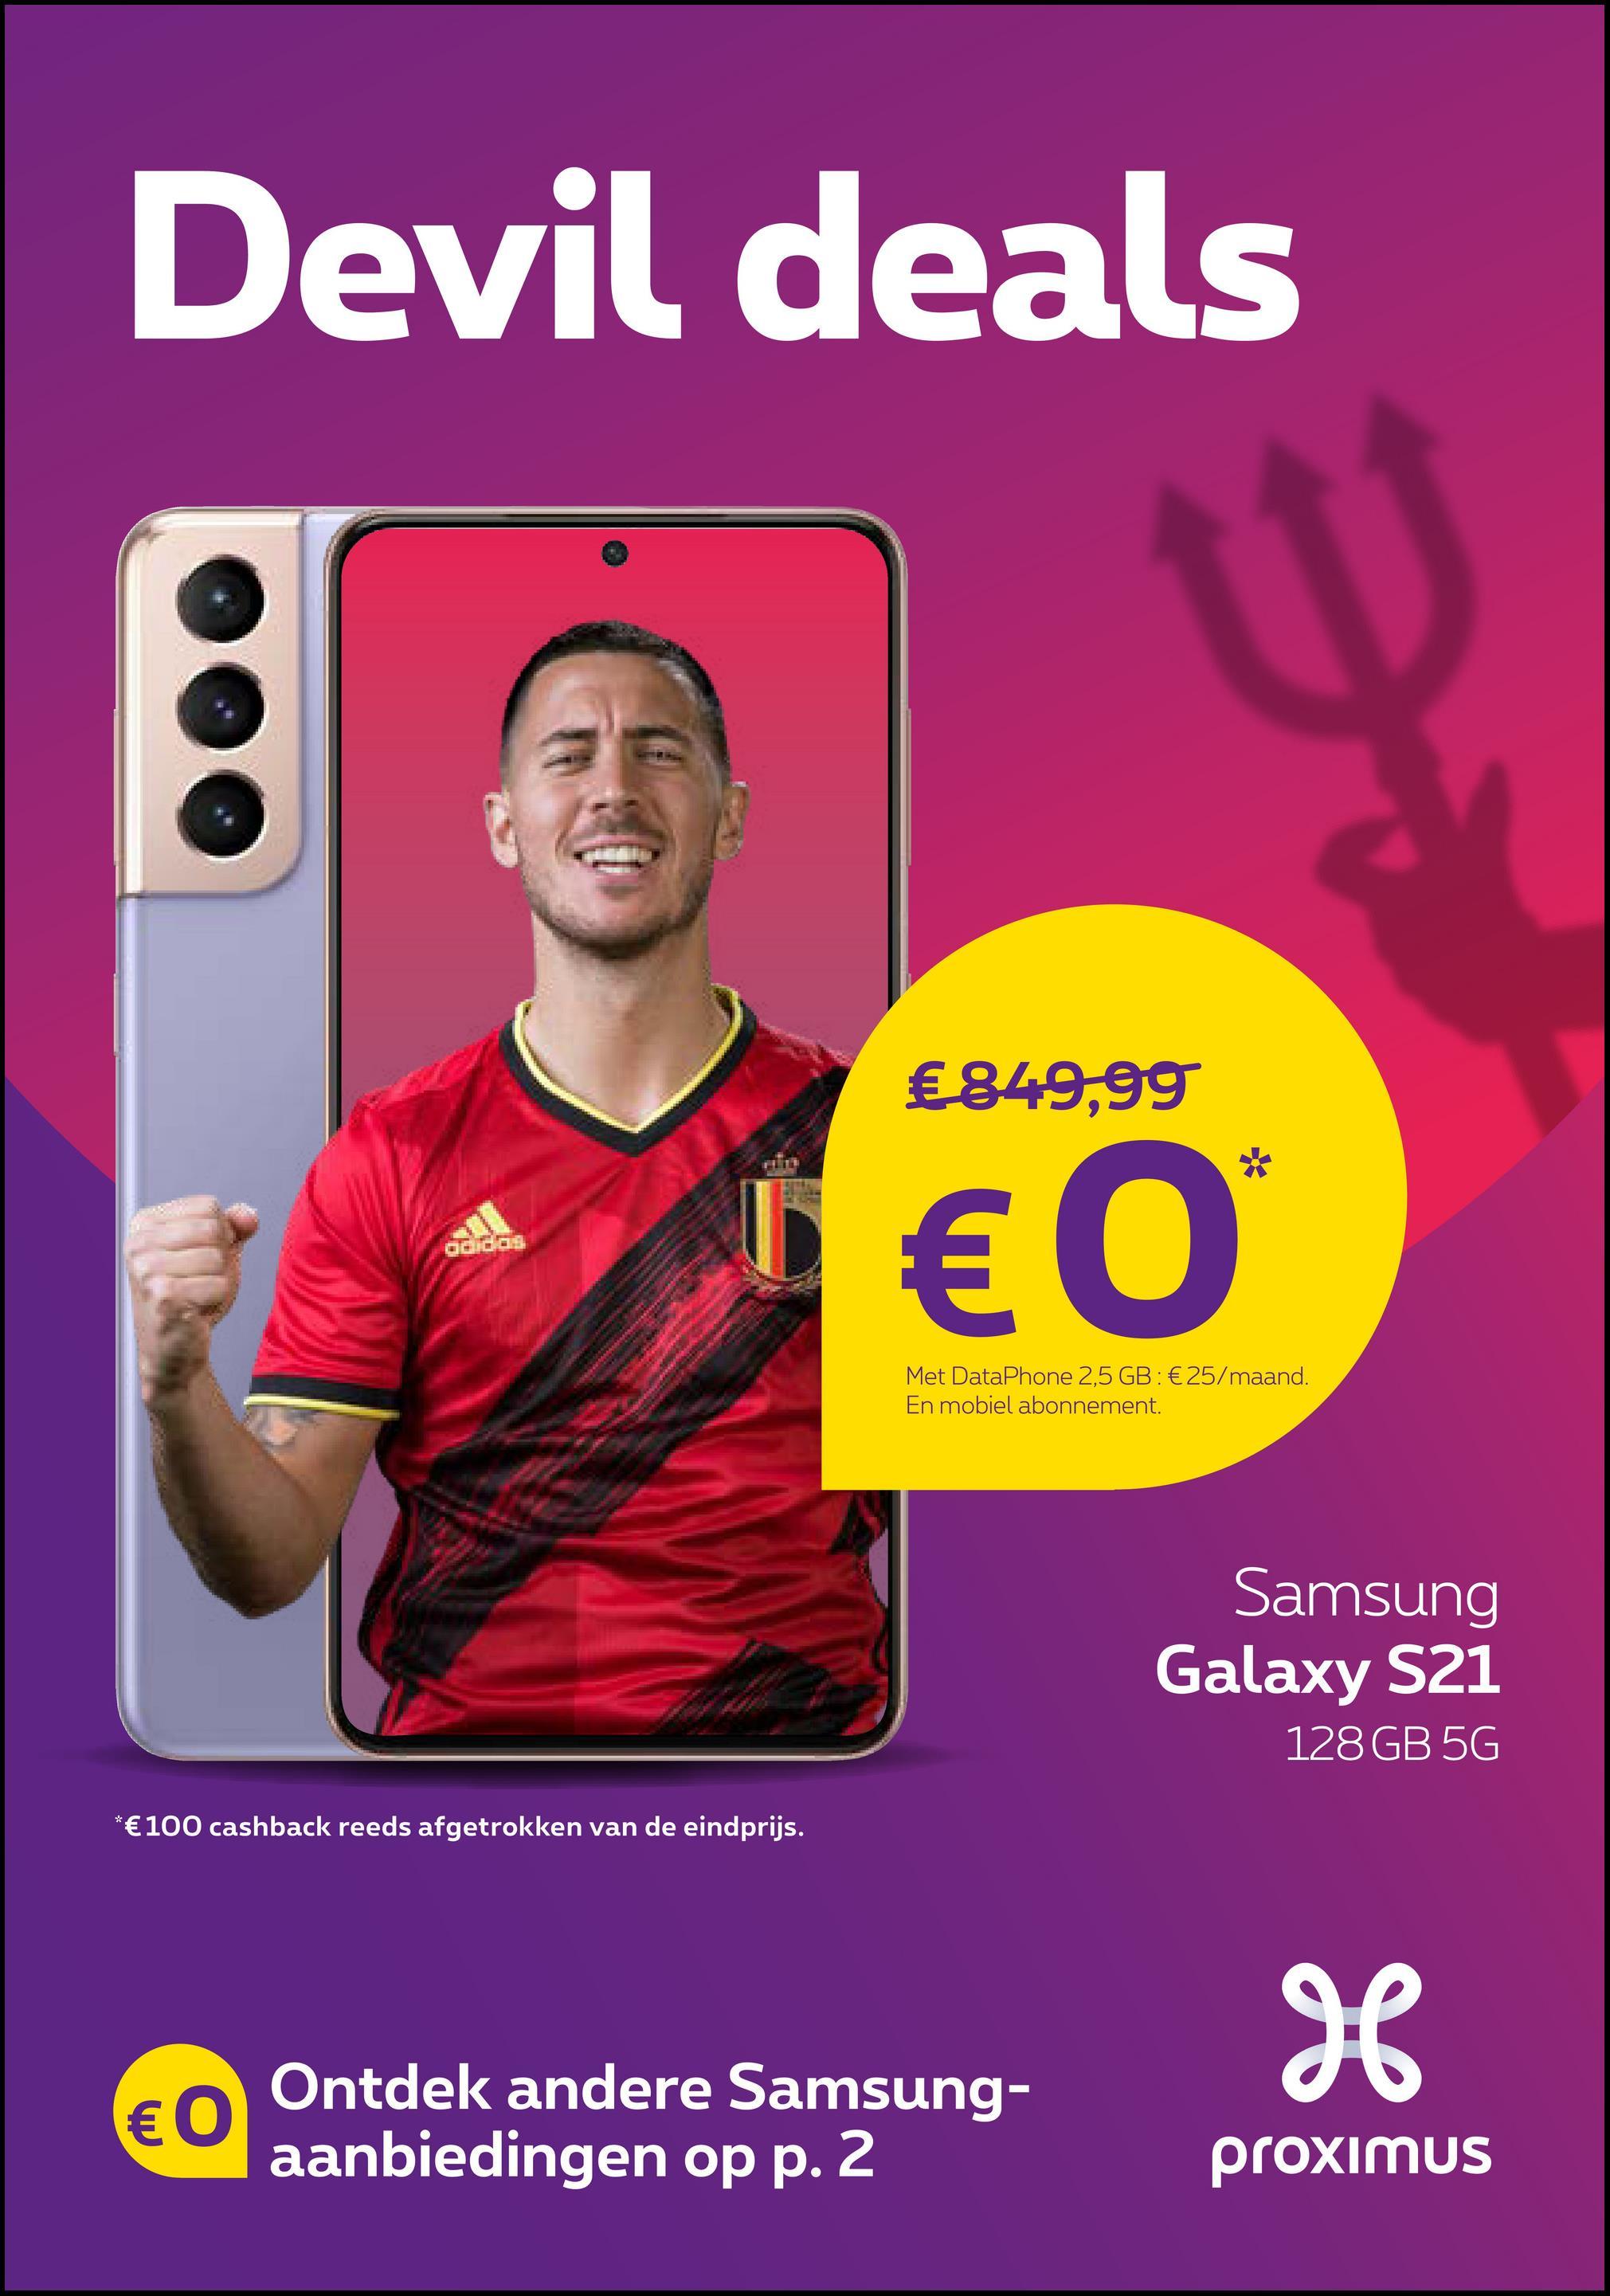 Devil deals O €849,99 € 0 Met DataPhone 2,5 GB: €25/maand. En mobiel abonnement. Samsung Galaxy S21 128 GB 5G *€100 cashback reeds afgetrokken van de eindprijs. H € 0 Ontdek andere Samsung- aanbiedingen op p. 2 proximus